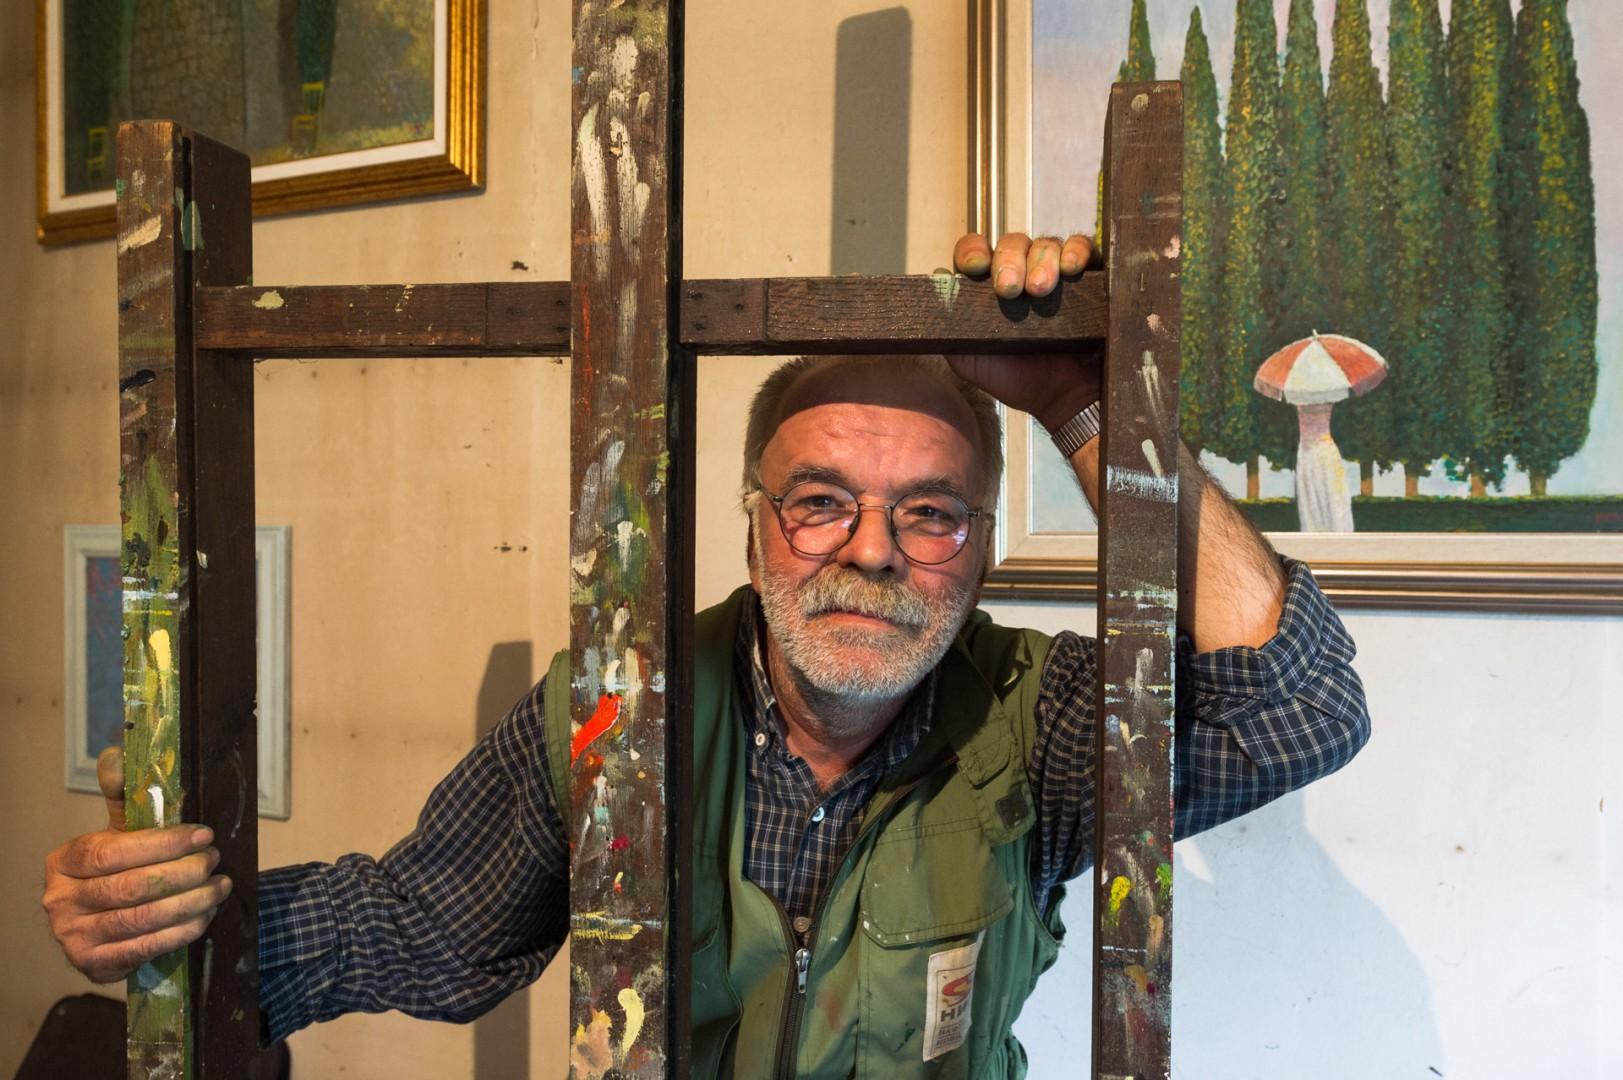 Portrait des Malers und Künstlers Kemal Ramujkic hinter einer Staffelei in Belgrad